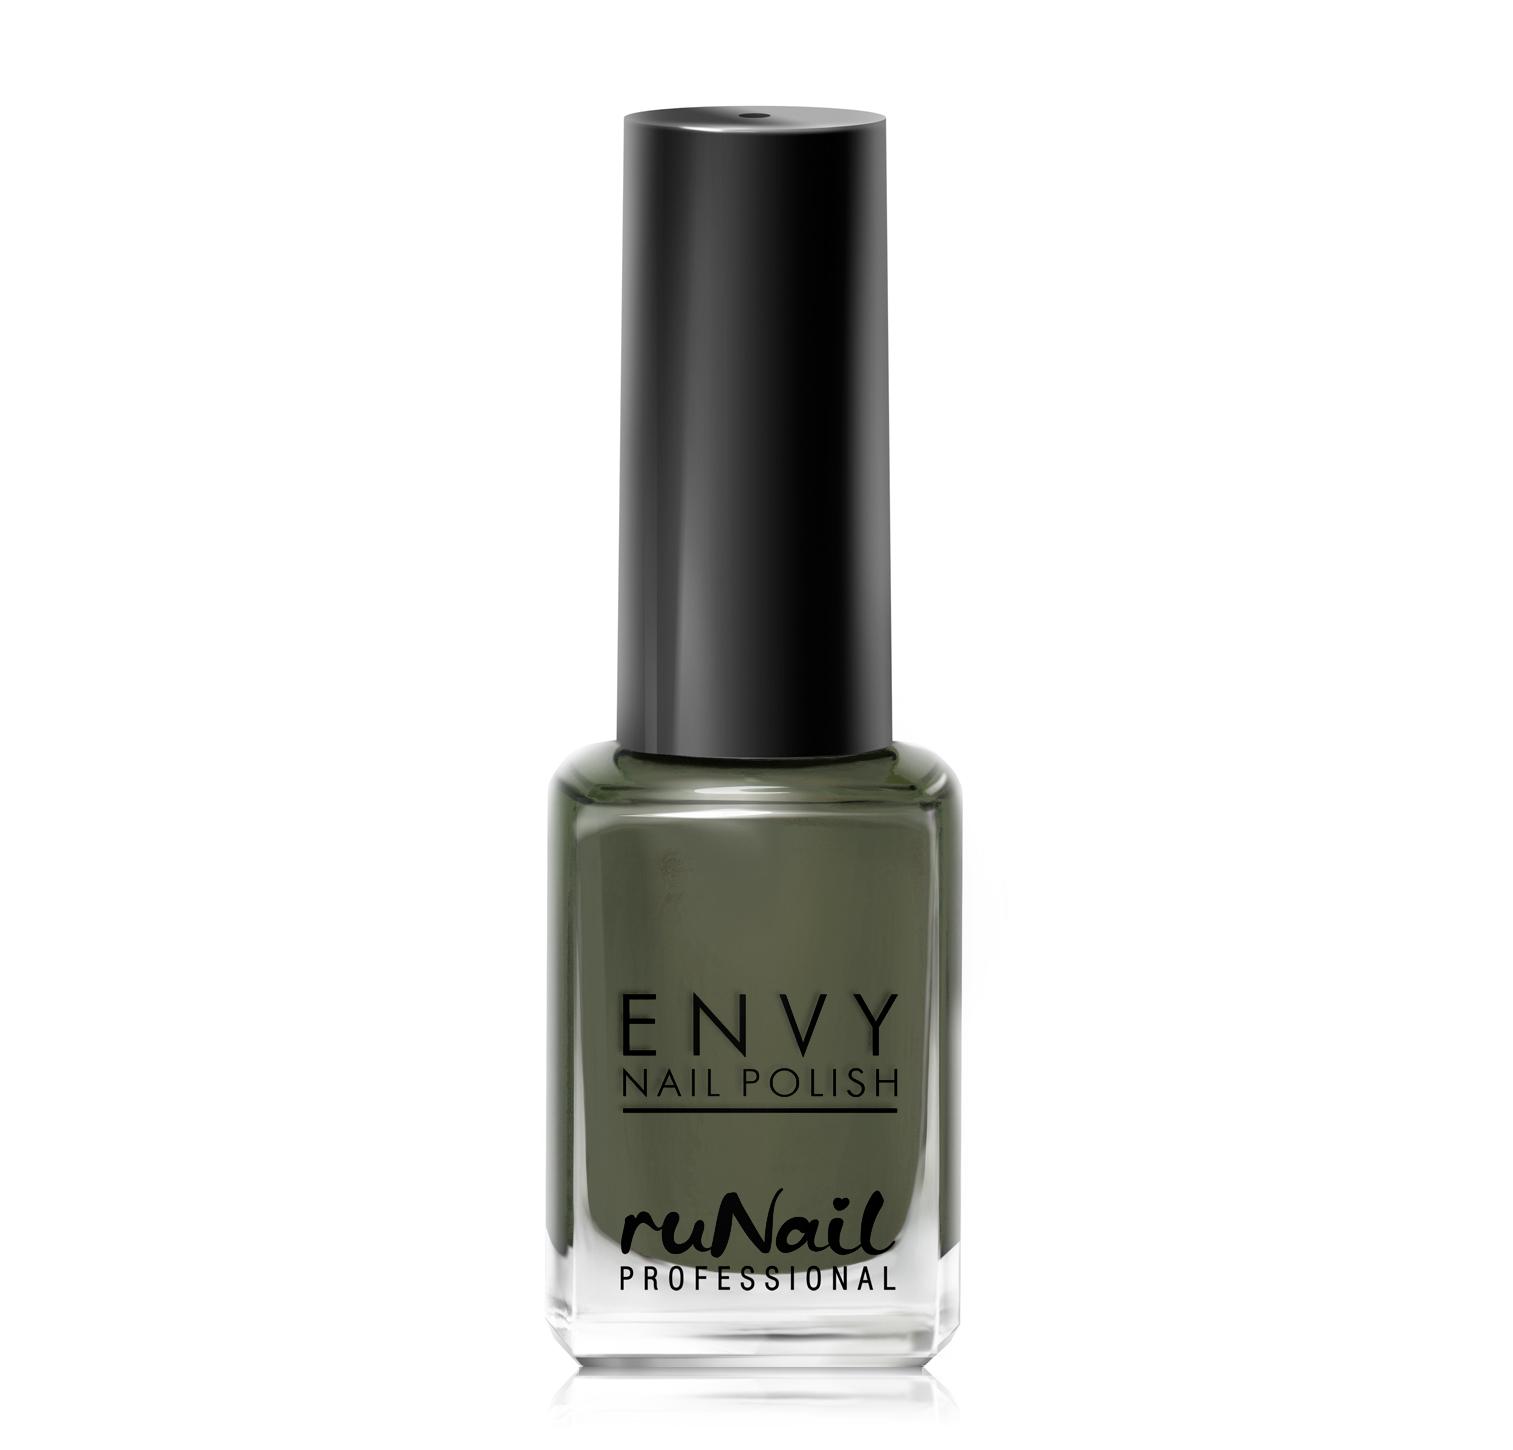 Лак для ногтей Envy, 12 мл, №1562, цвет: Серый кардинал №1562